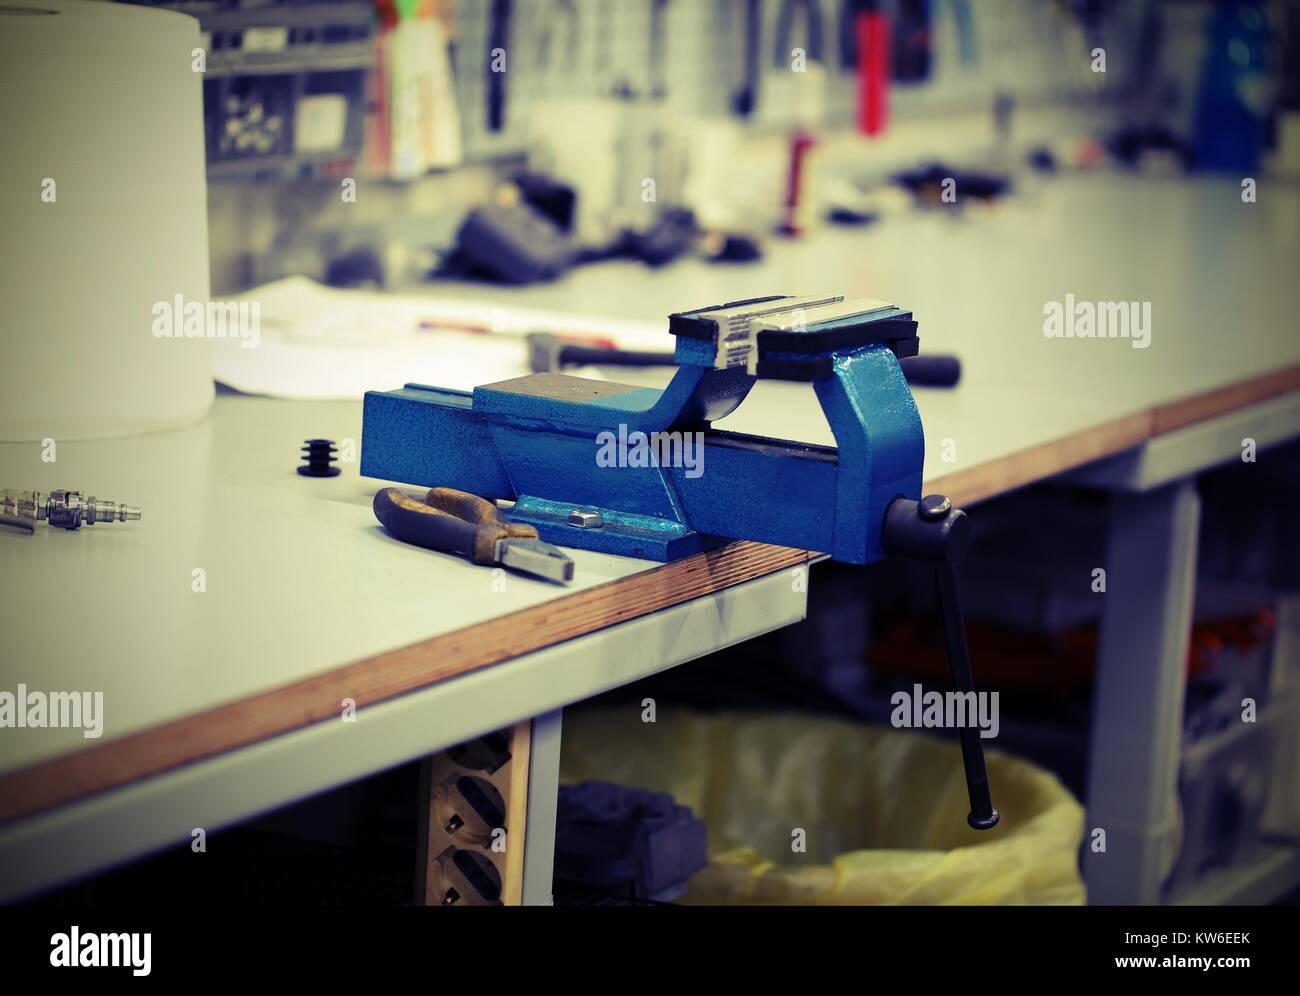 Banco Di Lavoro Meccanico : Blue morsa sul banco di lavoro dell officina meccanica con effetto